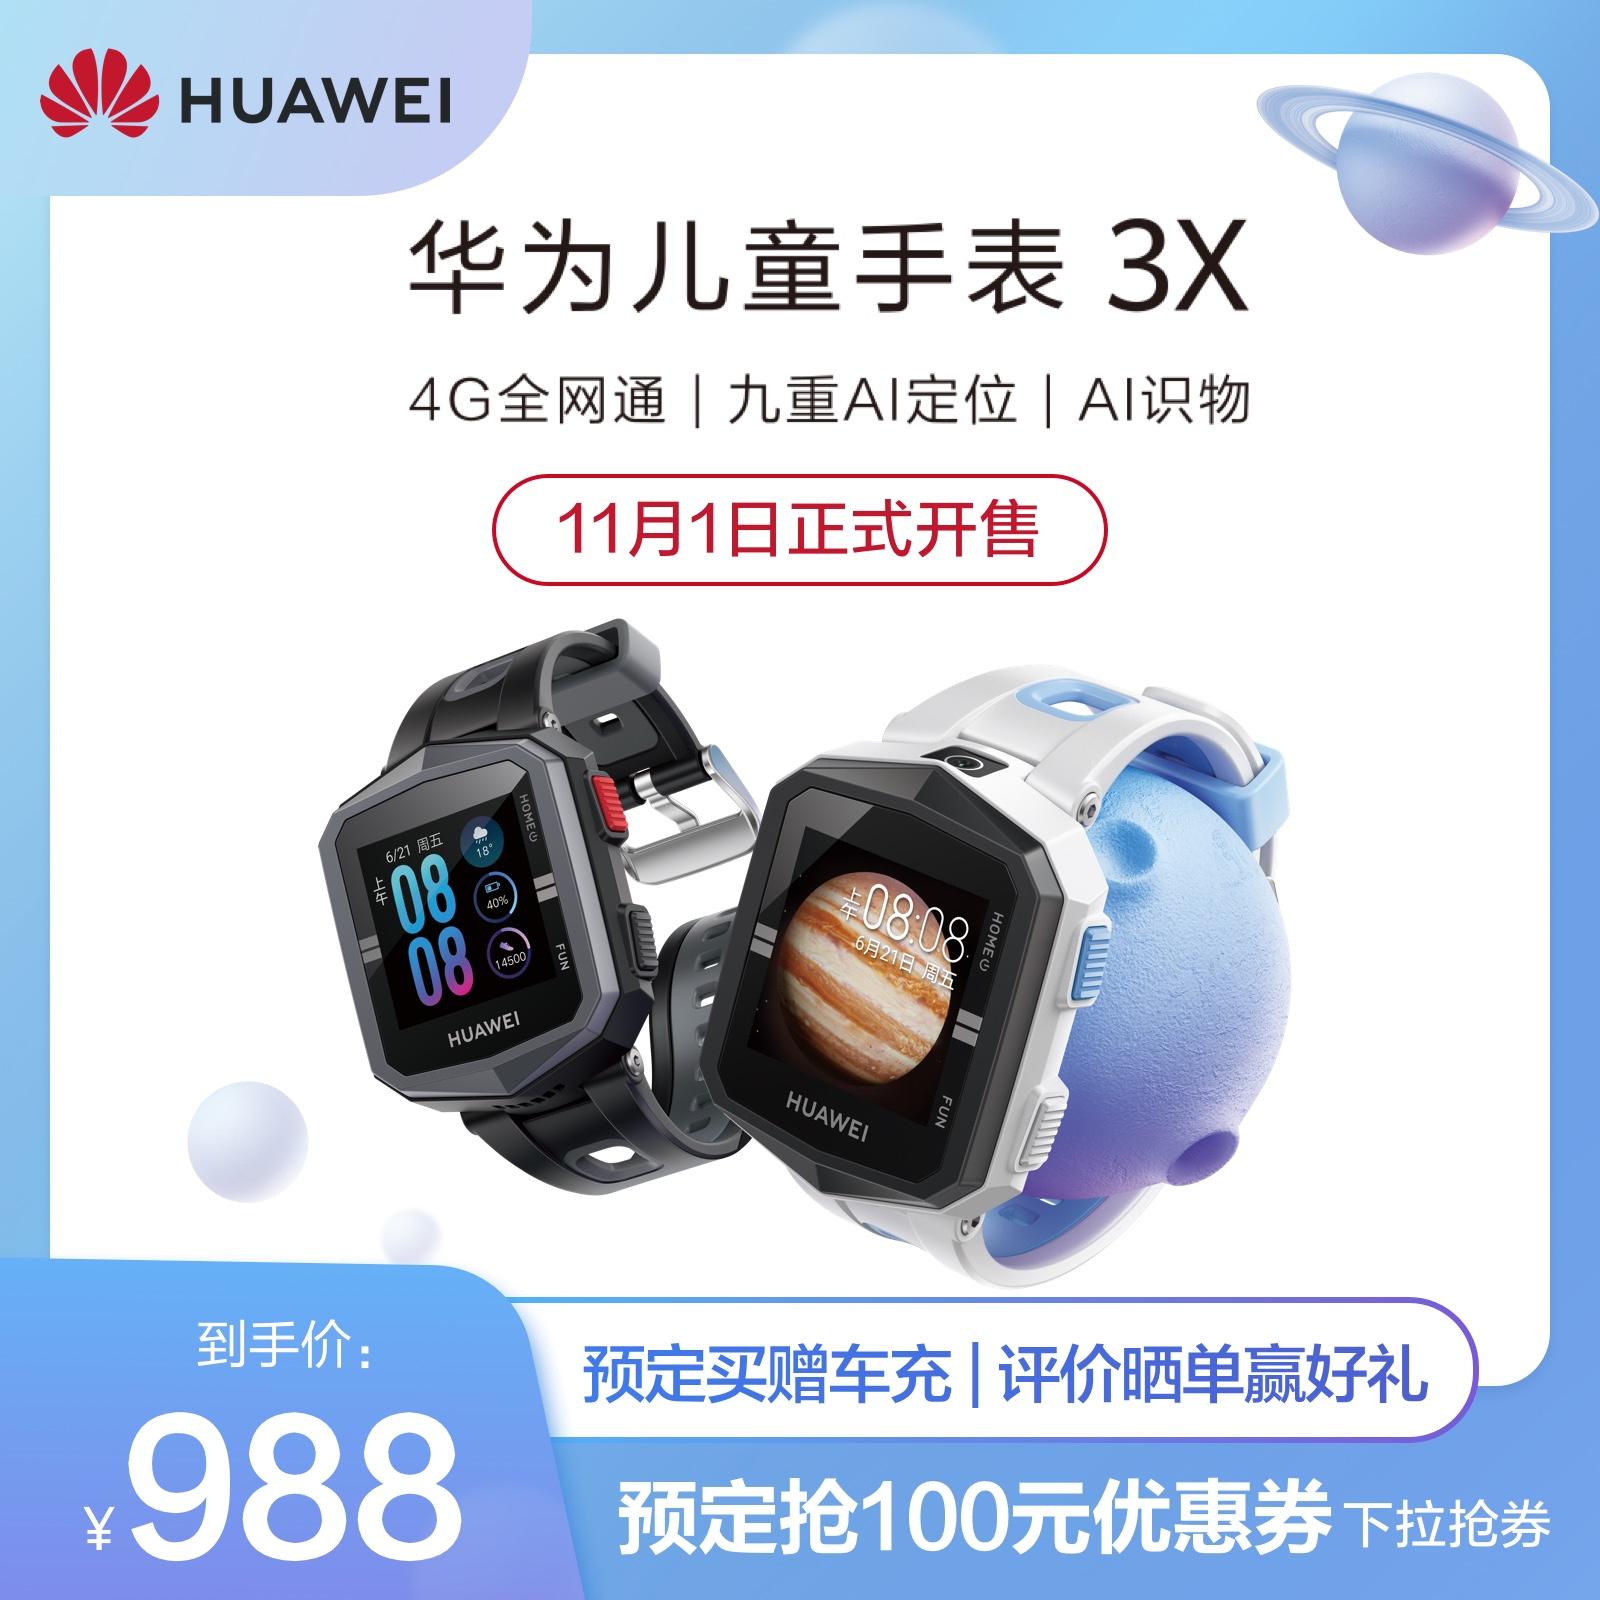 Huawei/华为儿童手表 3X 精准定位全网通智能AI识物电话手表 学生儿童手表